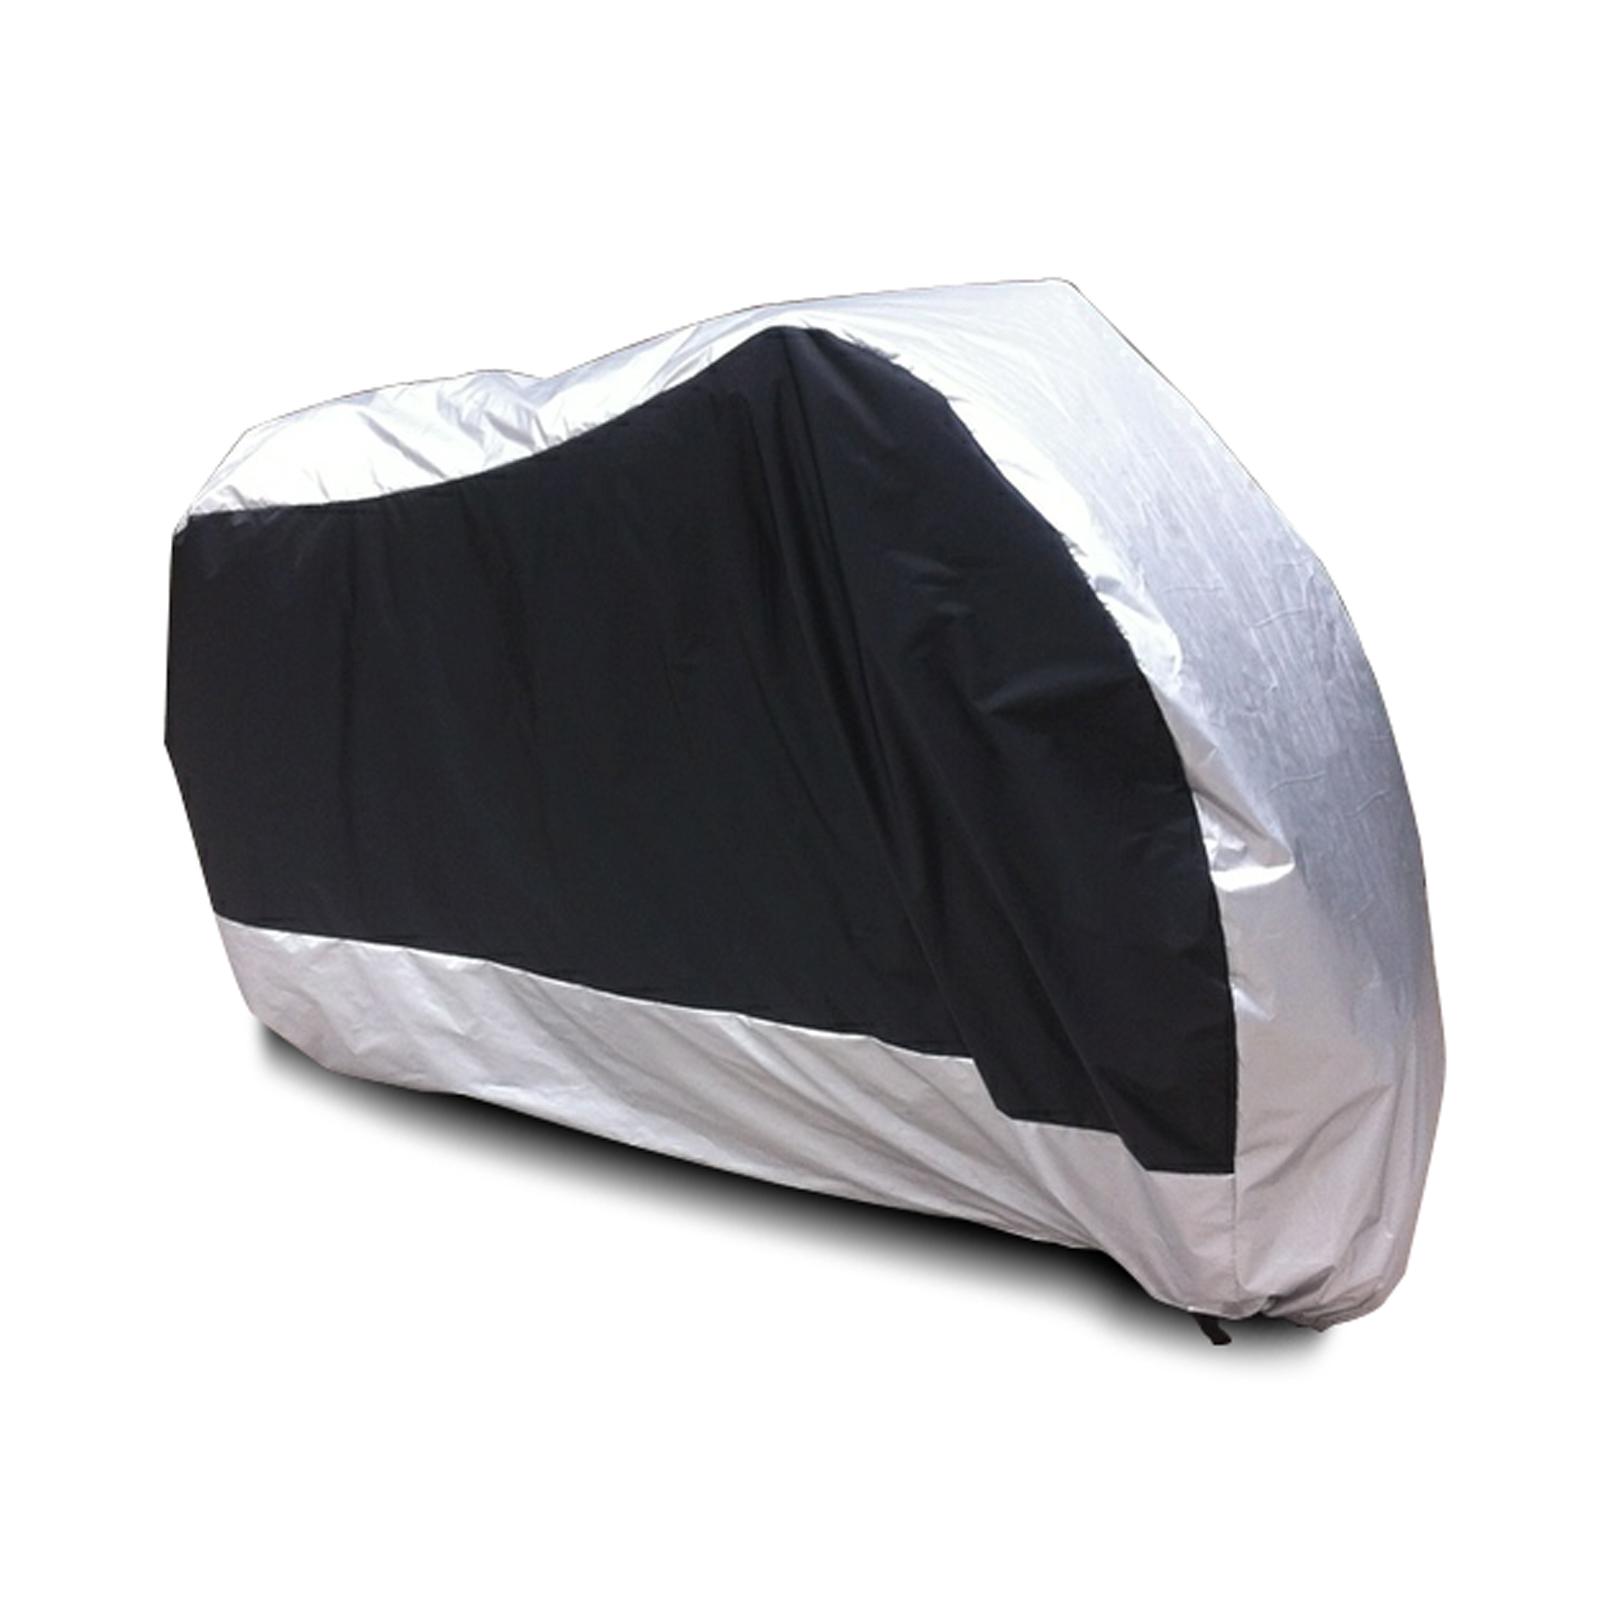 Taille xxl noir argente housse de protection moto scooter for Bache moto exterieur